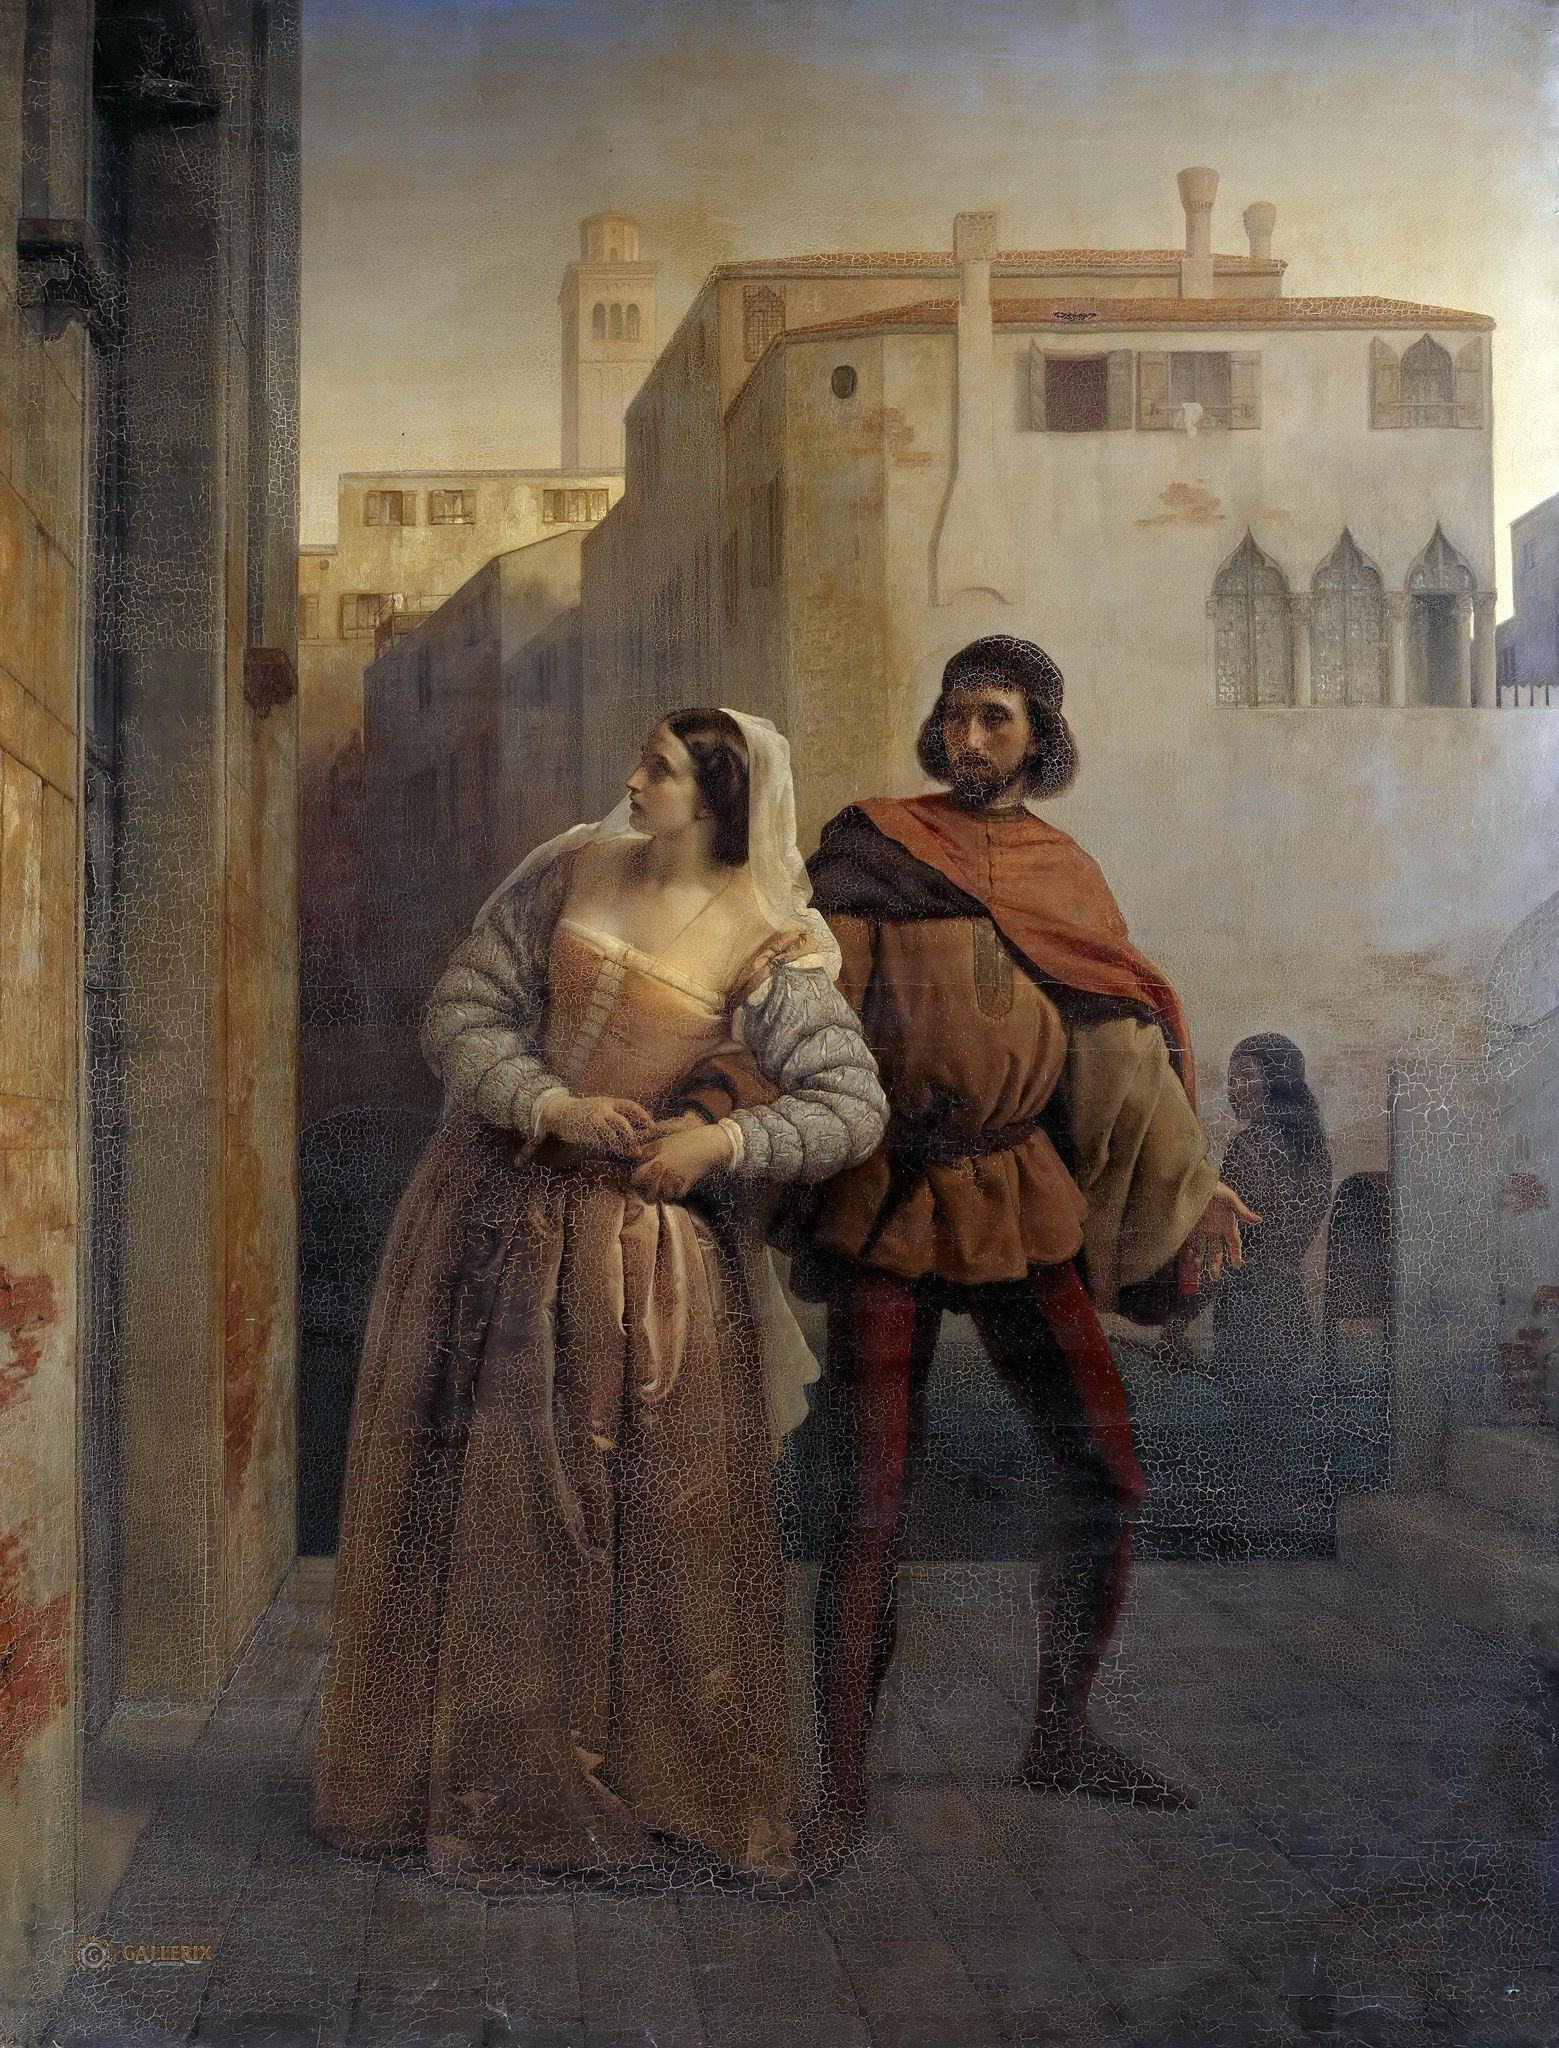 Francesco Hayez, Fuga da Bianca Capello da Venezia (1853-1854; olio su tela, 208 x 159,5 cm; Berlino, Staatliche Museen)